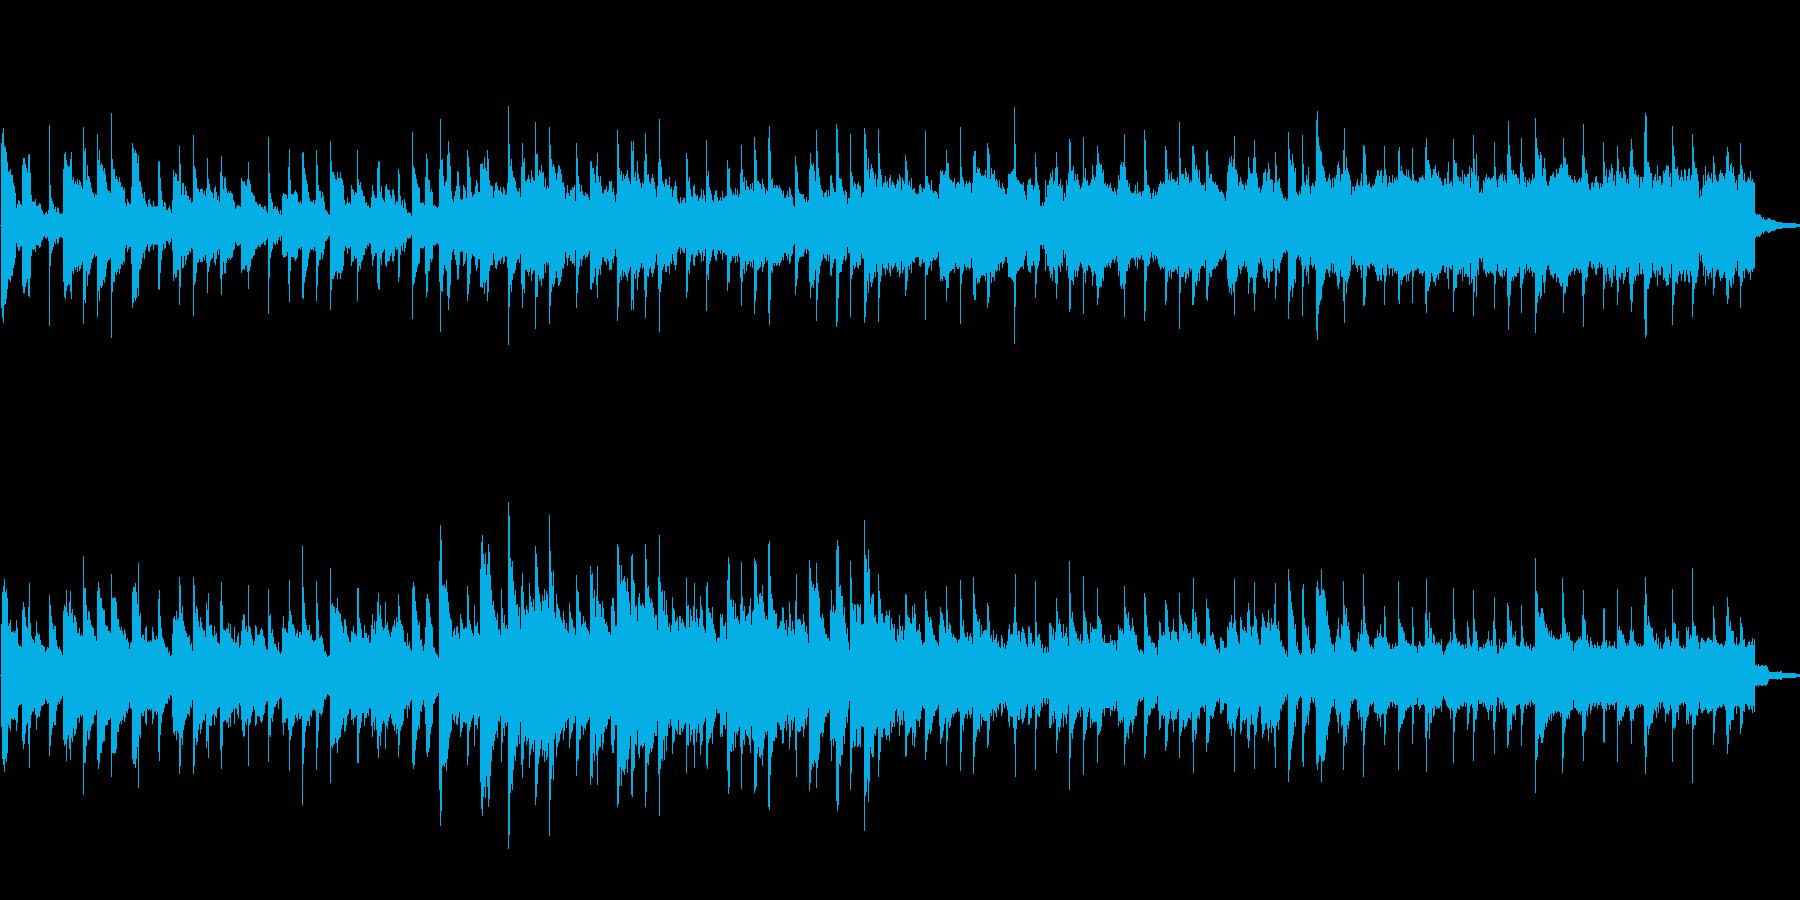 不思議な曲の再生済みの波形